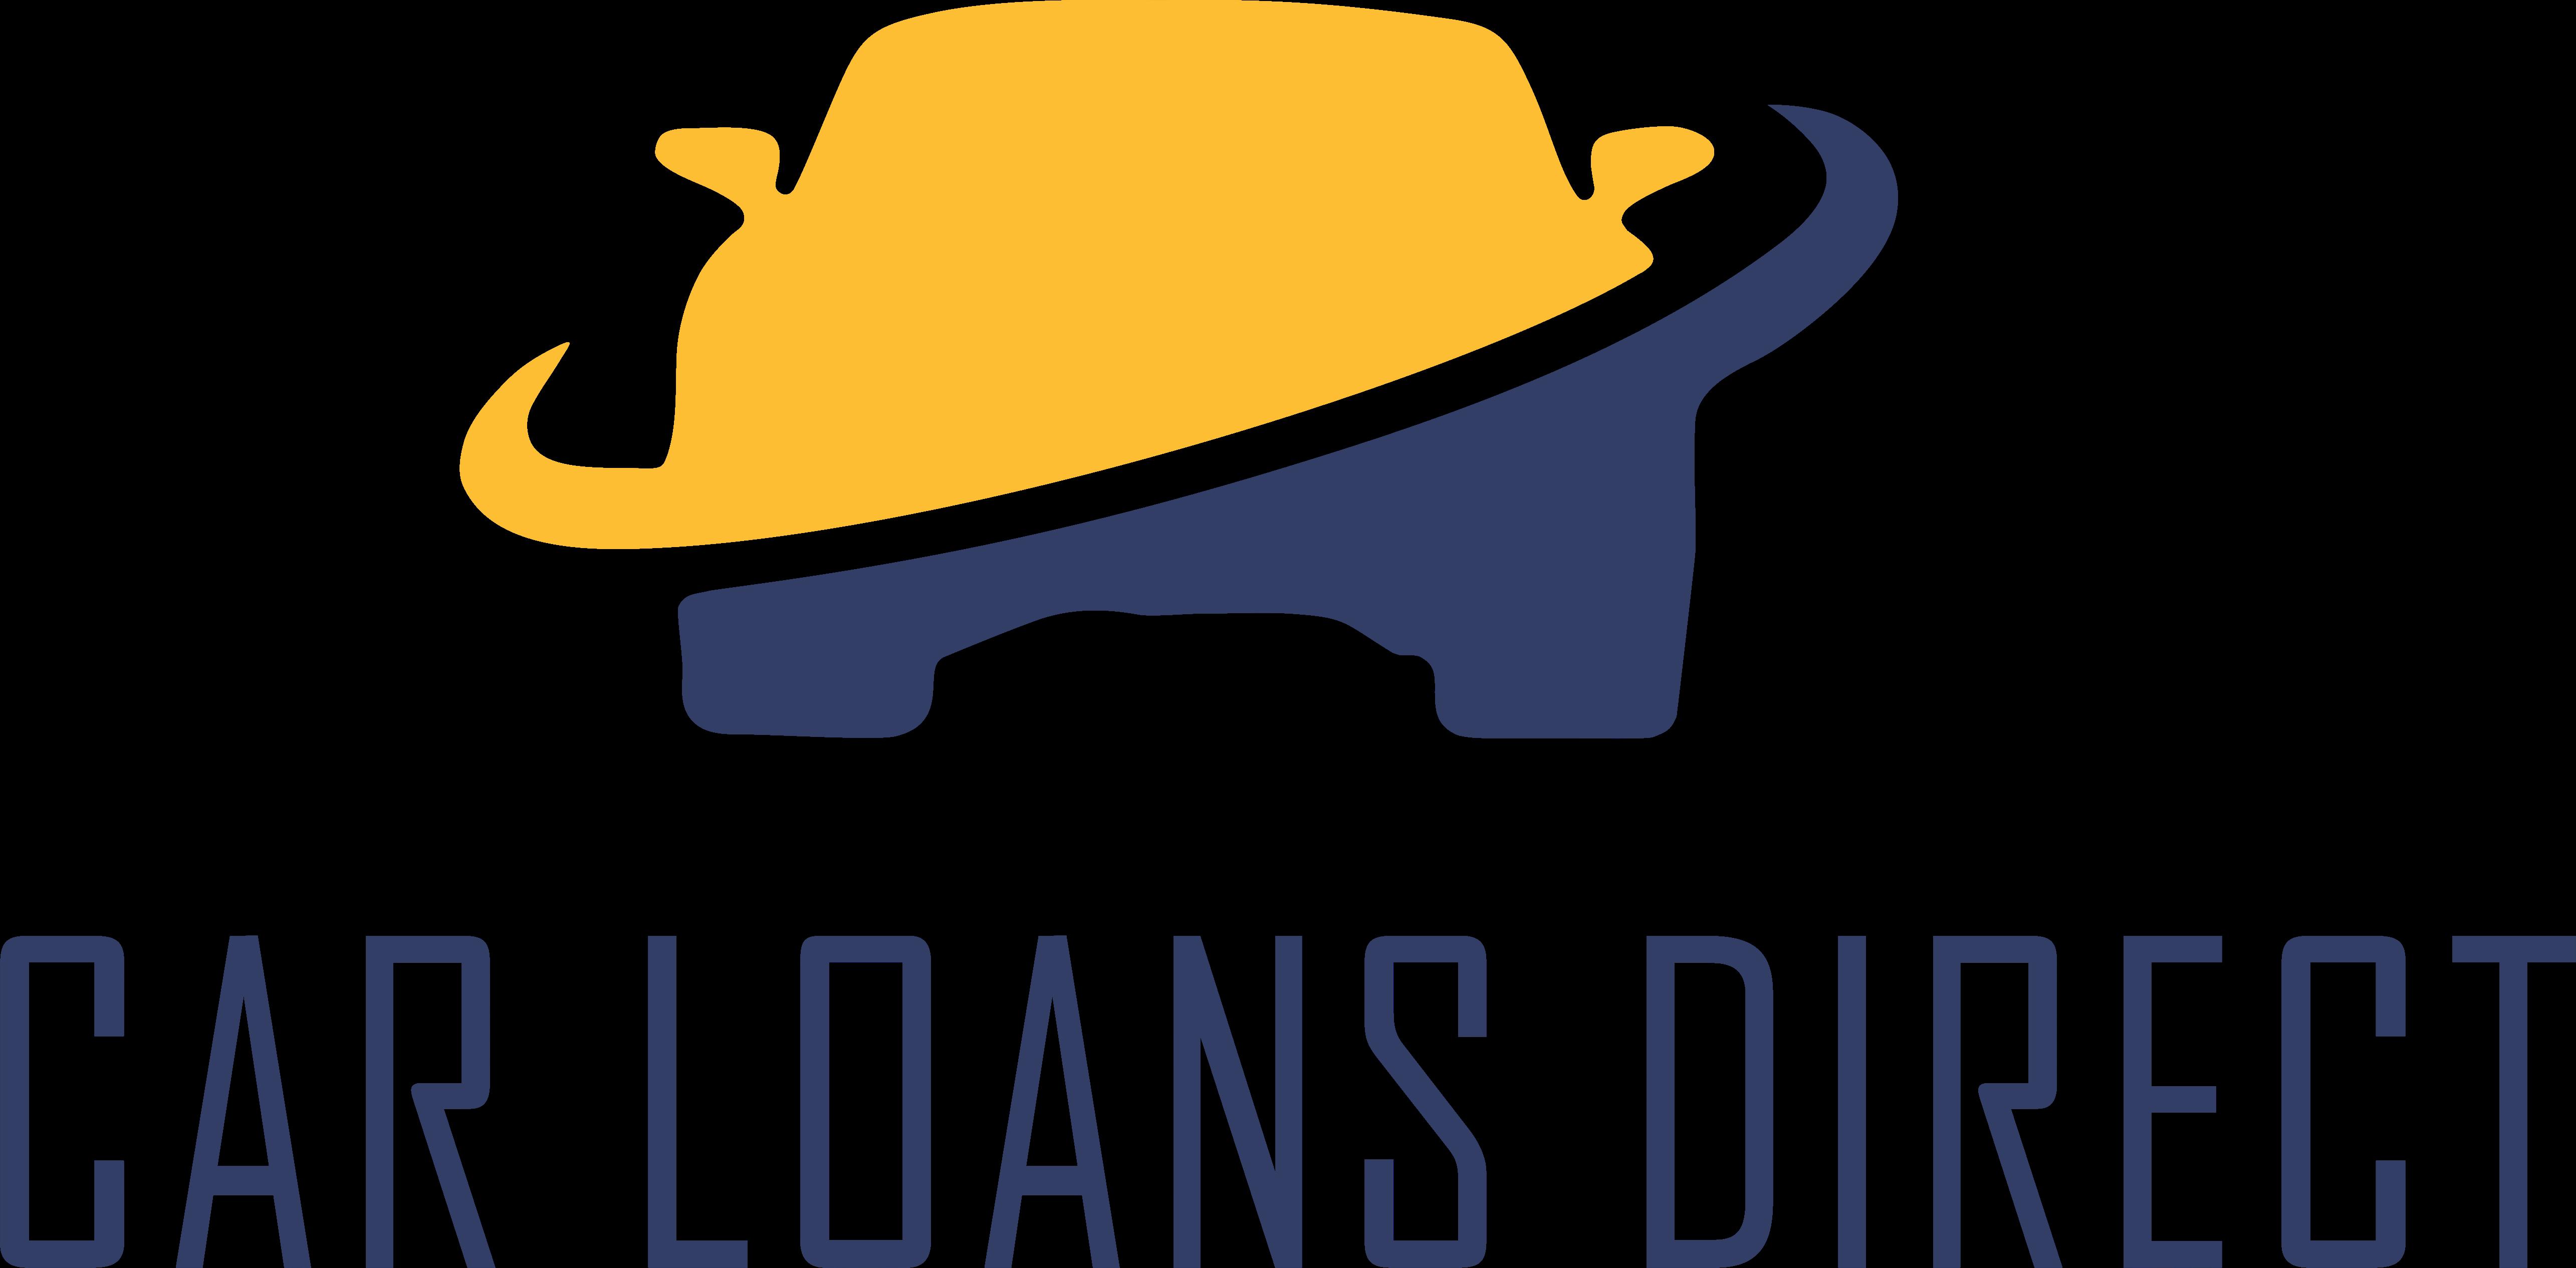 Car Loans Direct